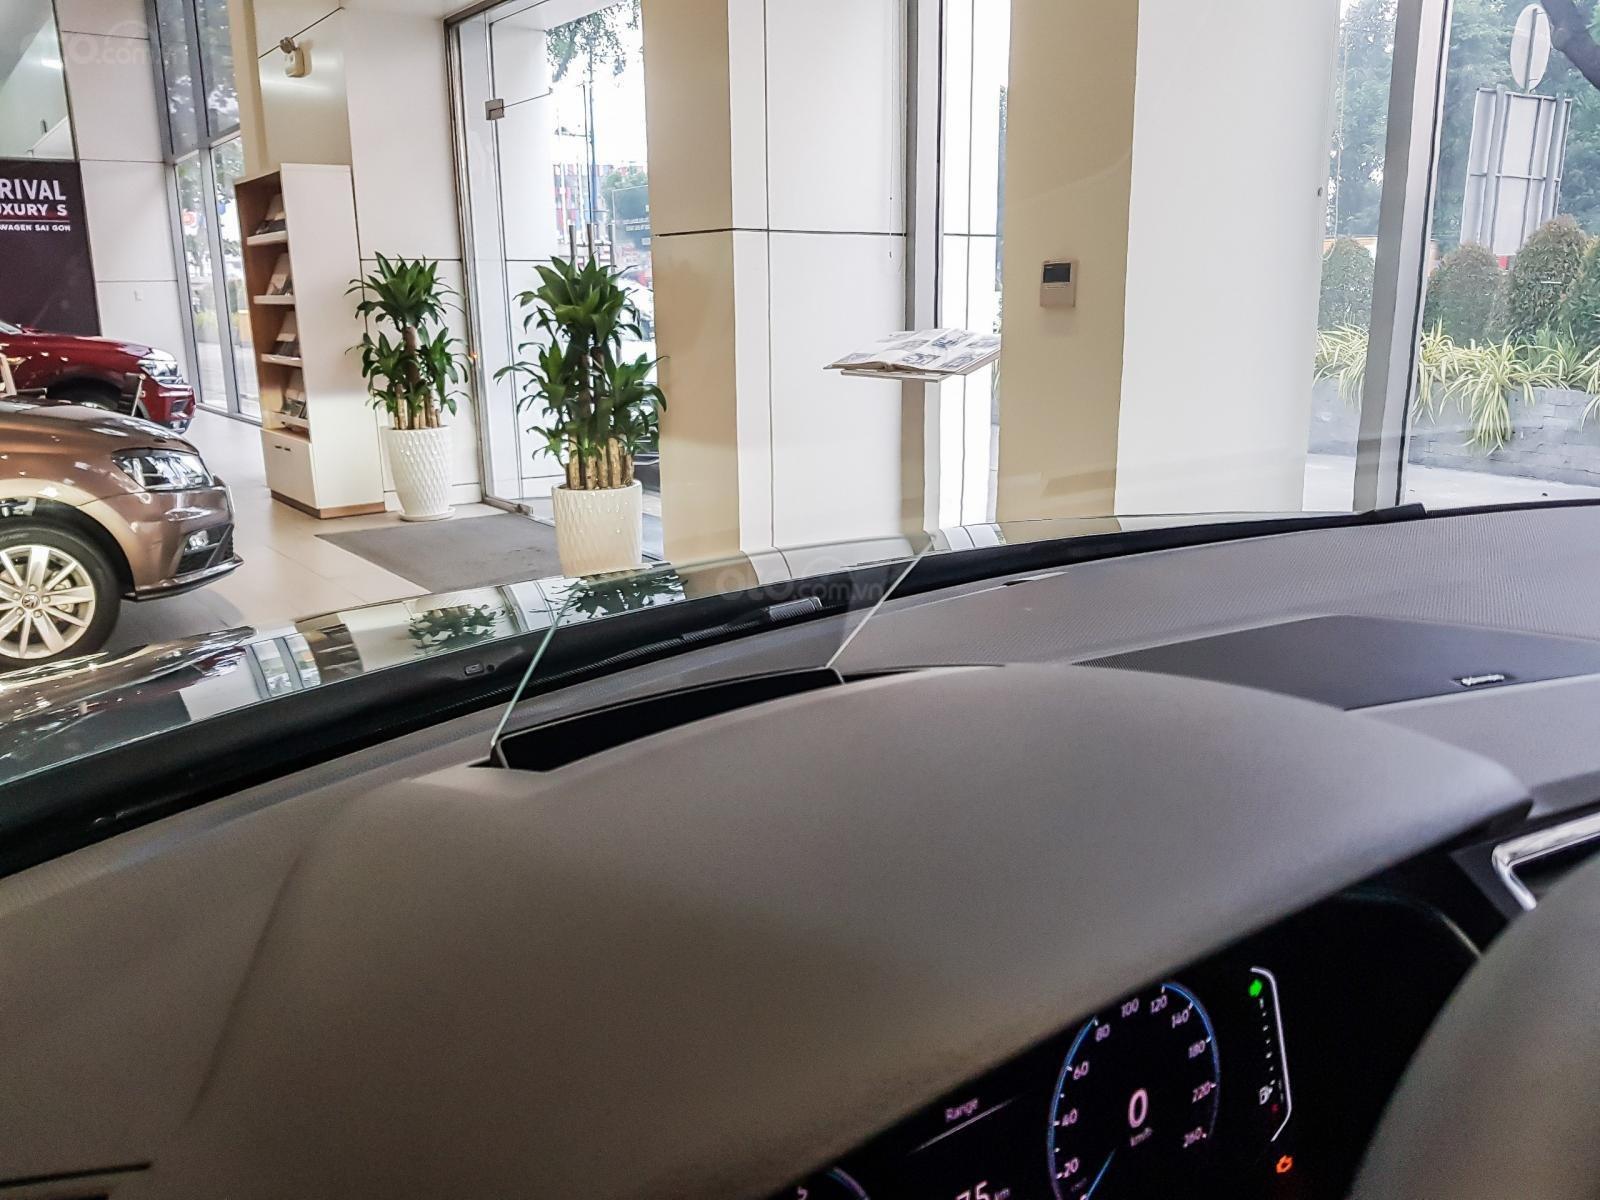 Mua Tiguan Luxury S 2021 tặng iphone 12 sành điệu+gói phụ kiện hãng cao cấp, liên hệ Ms. Uyên (5)